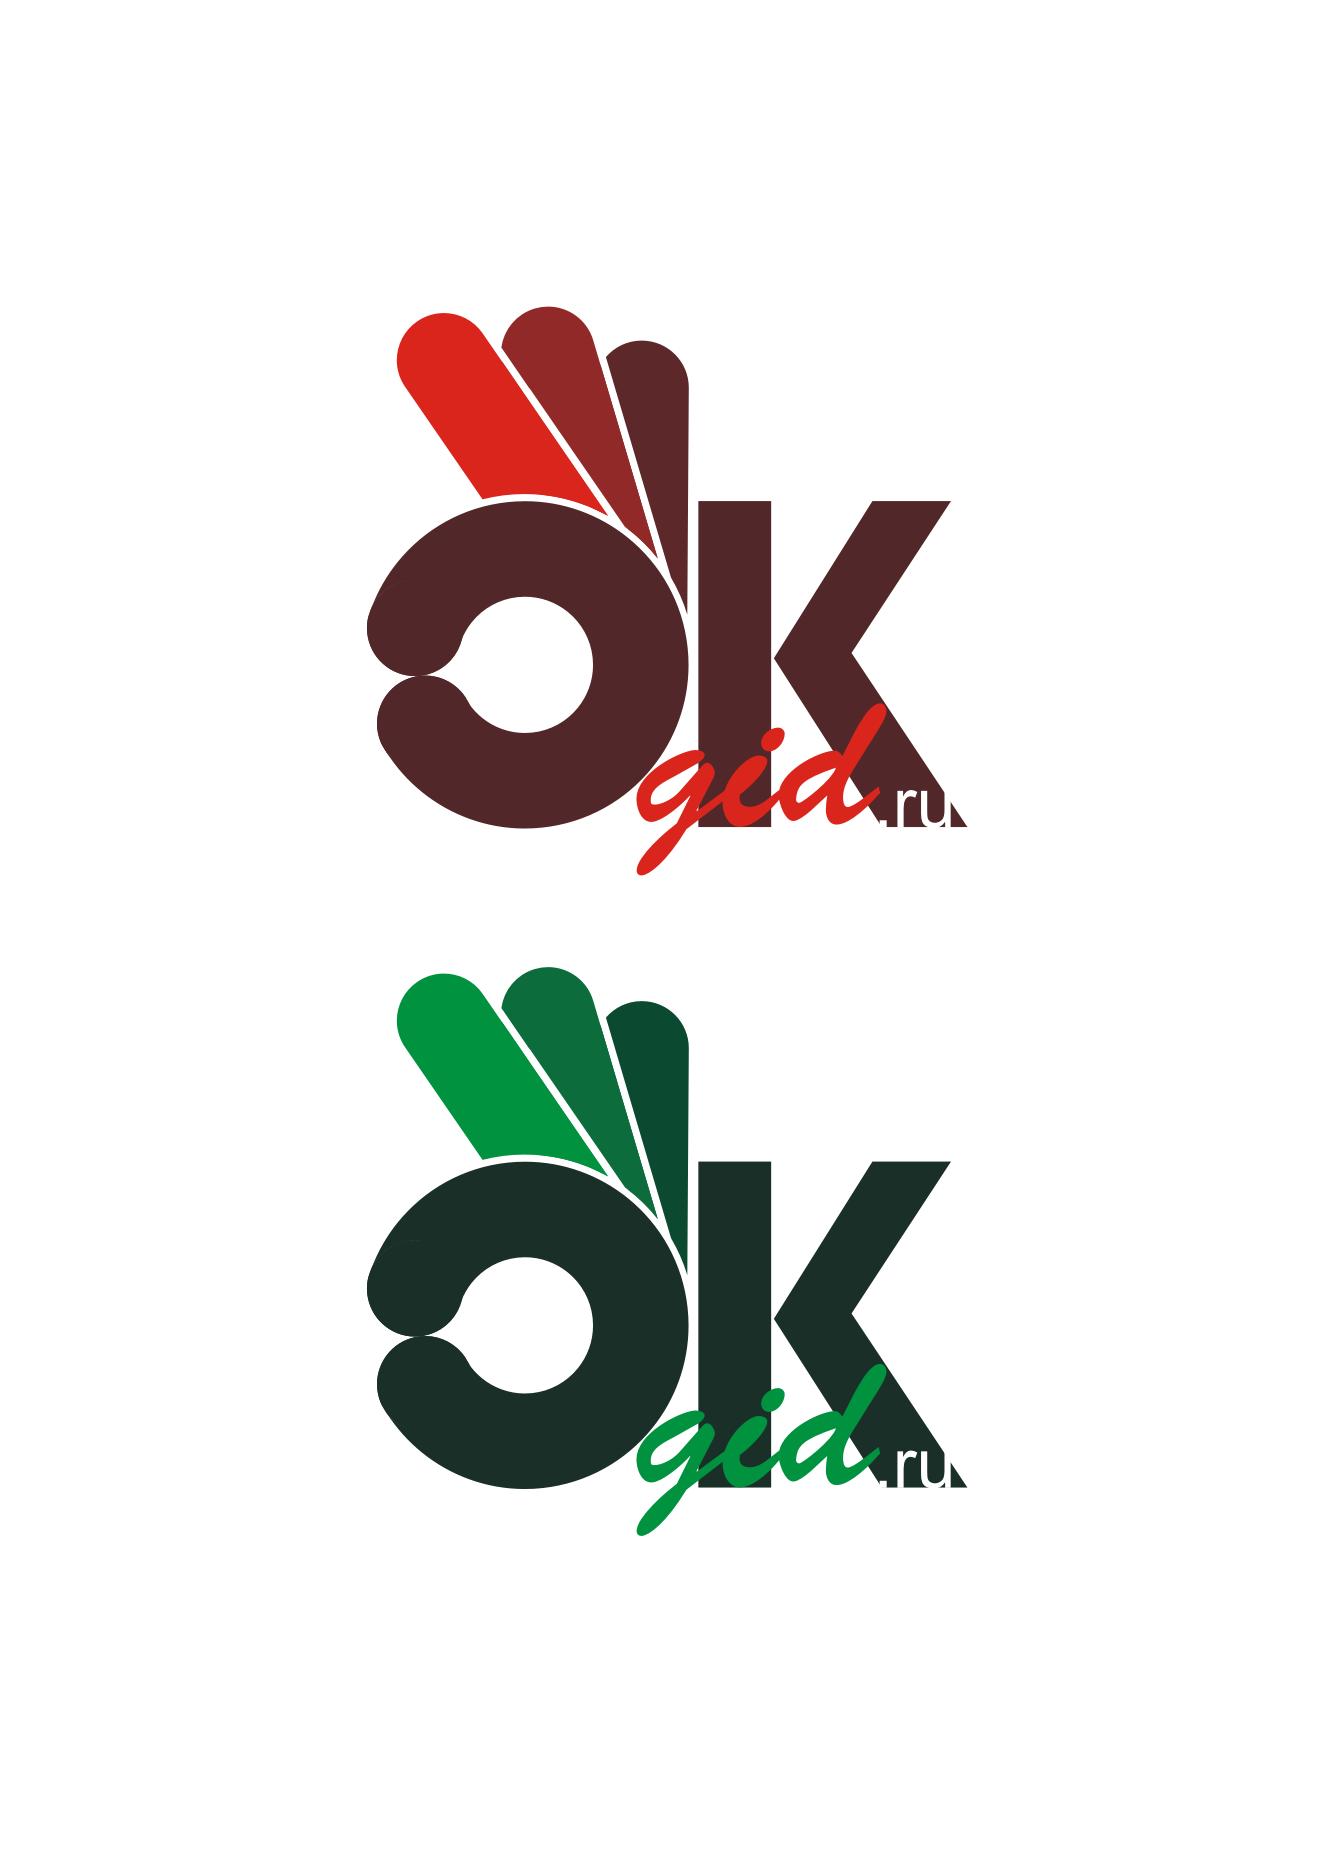 Логотип для сайта OKgid.ru фото f_10857c6ba674ba4e.png